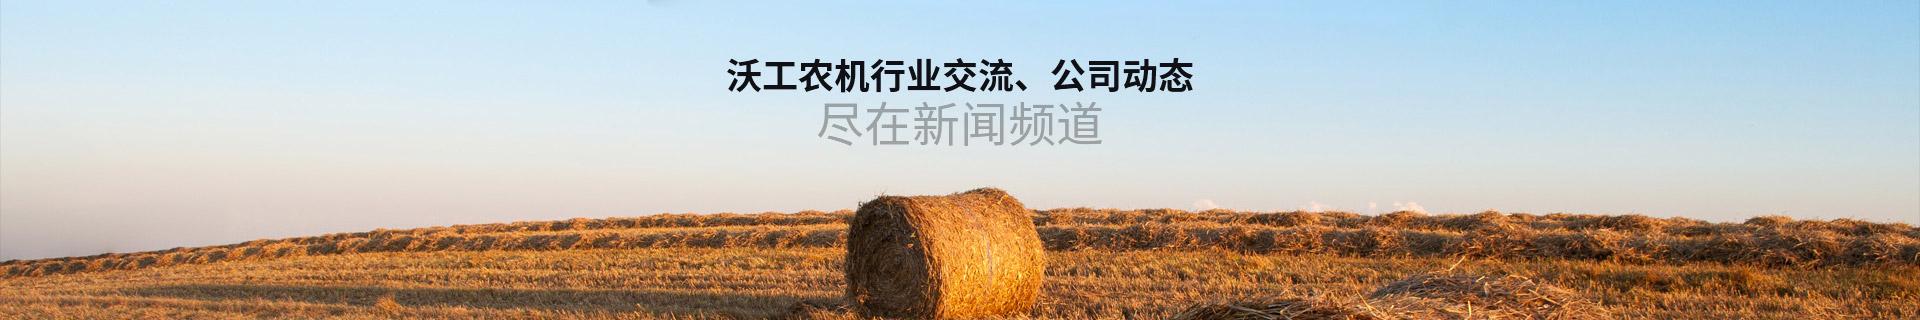 沃工农机行业交流、公司动态,尽在新闻频道